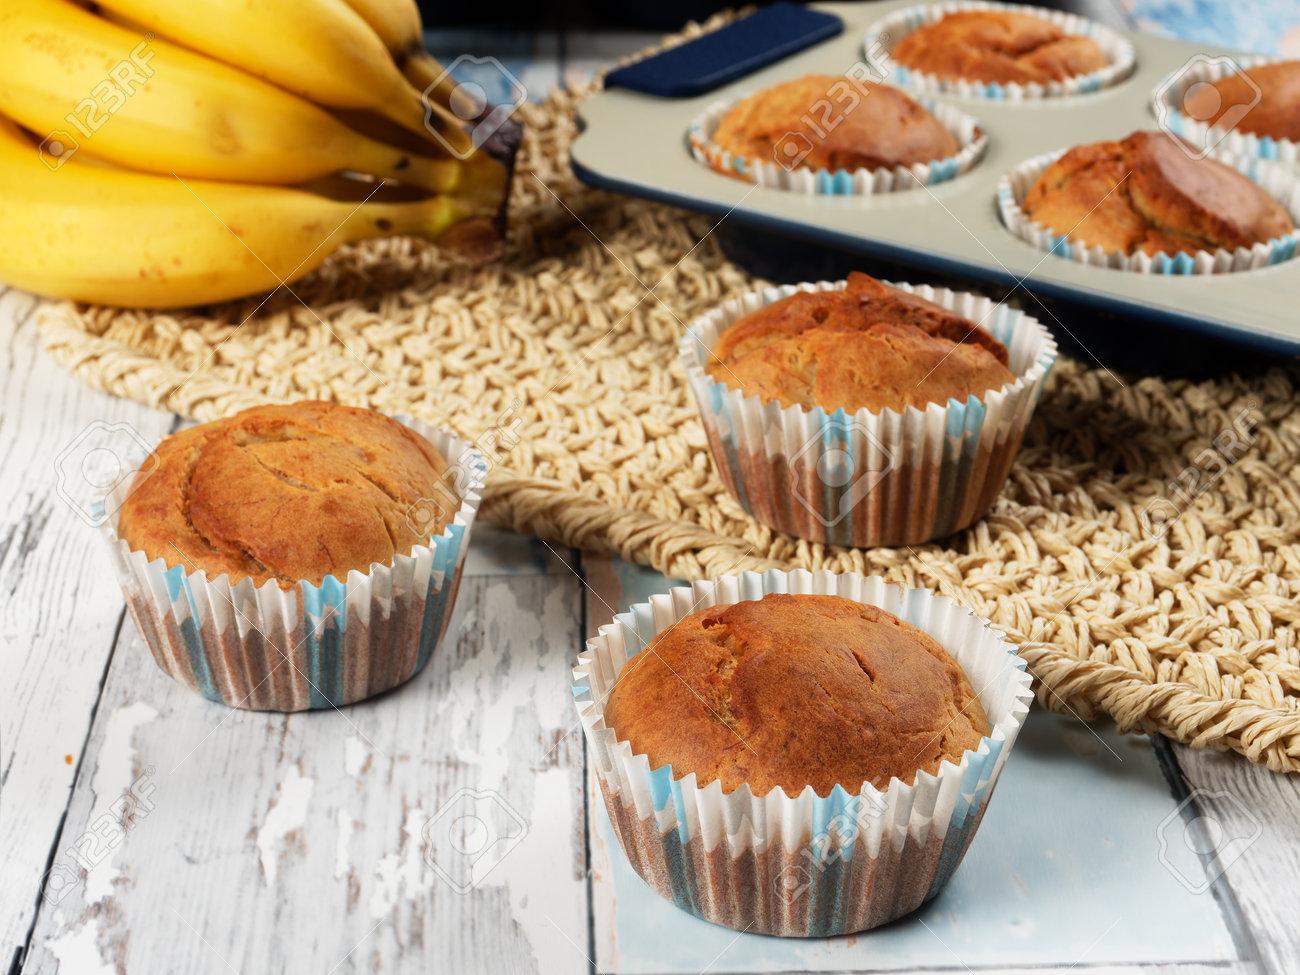 Homemade banana muffins. No sugar added. Healthy toddler food - 169668307